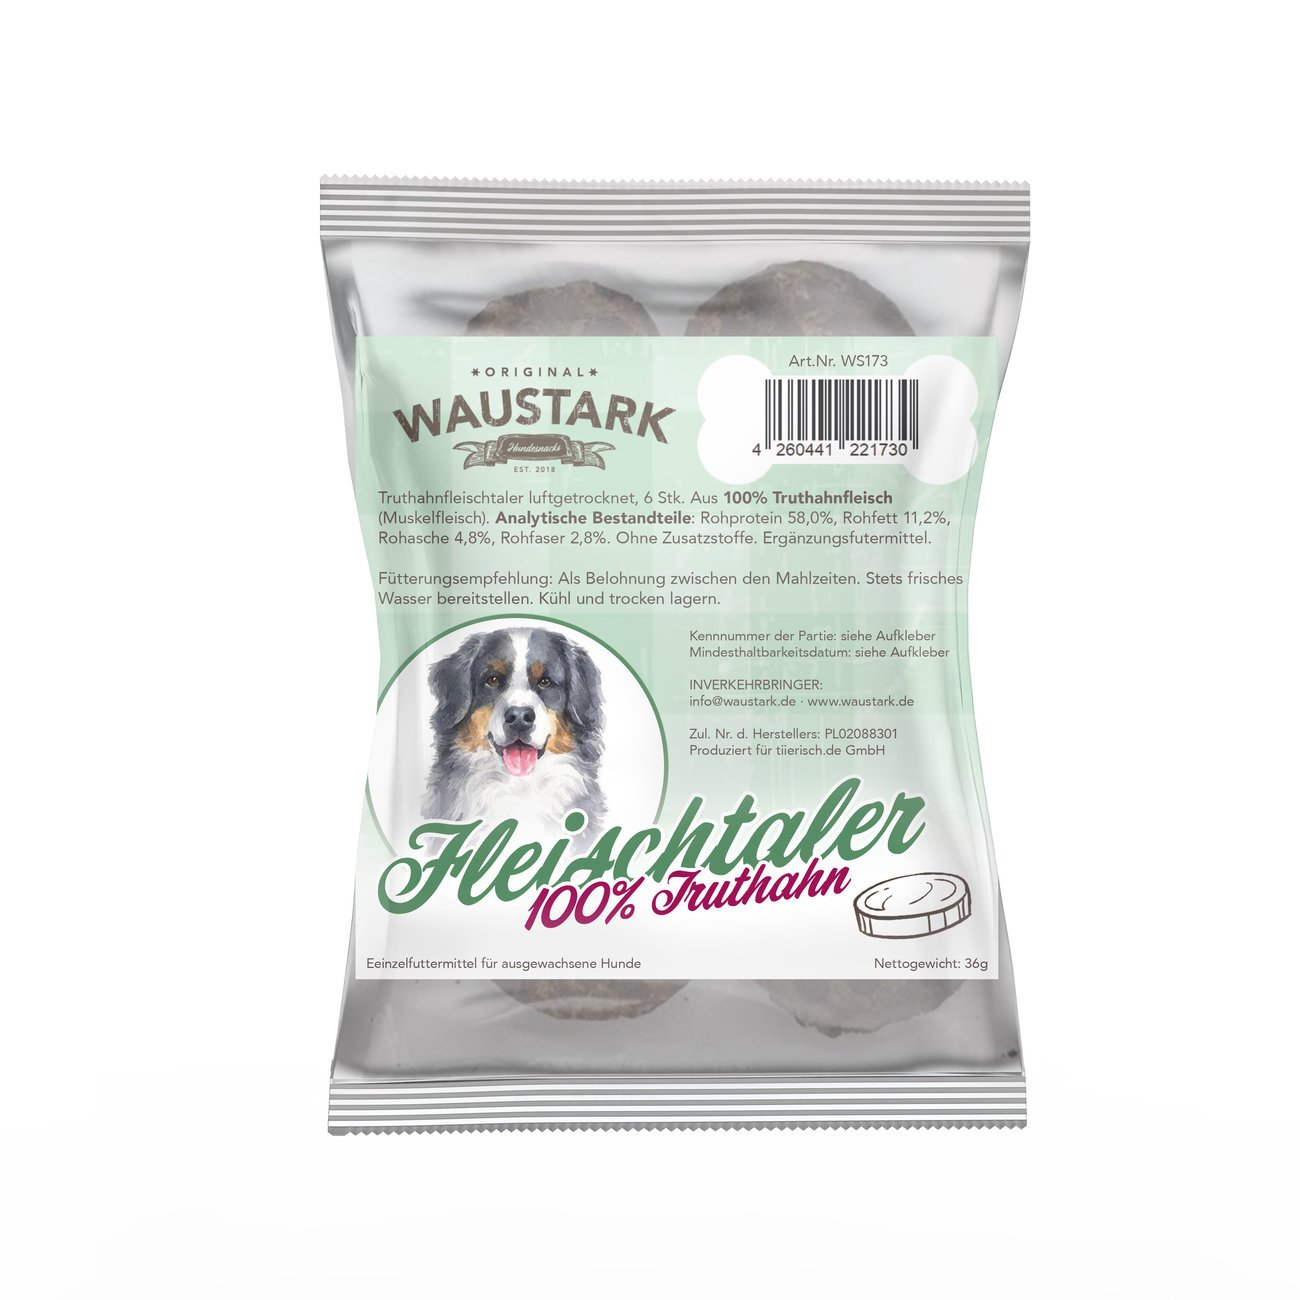 Waustark Premium luftgetrocknete Fleischtaler für Hunde